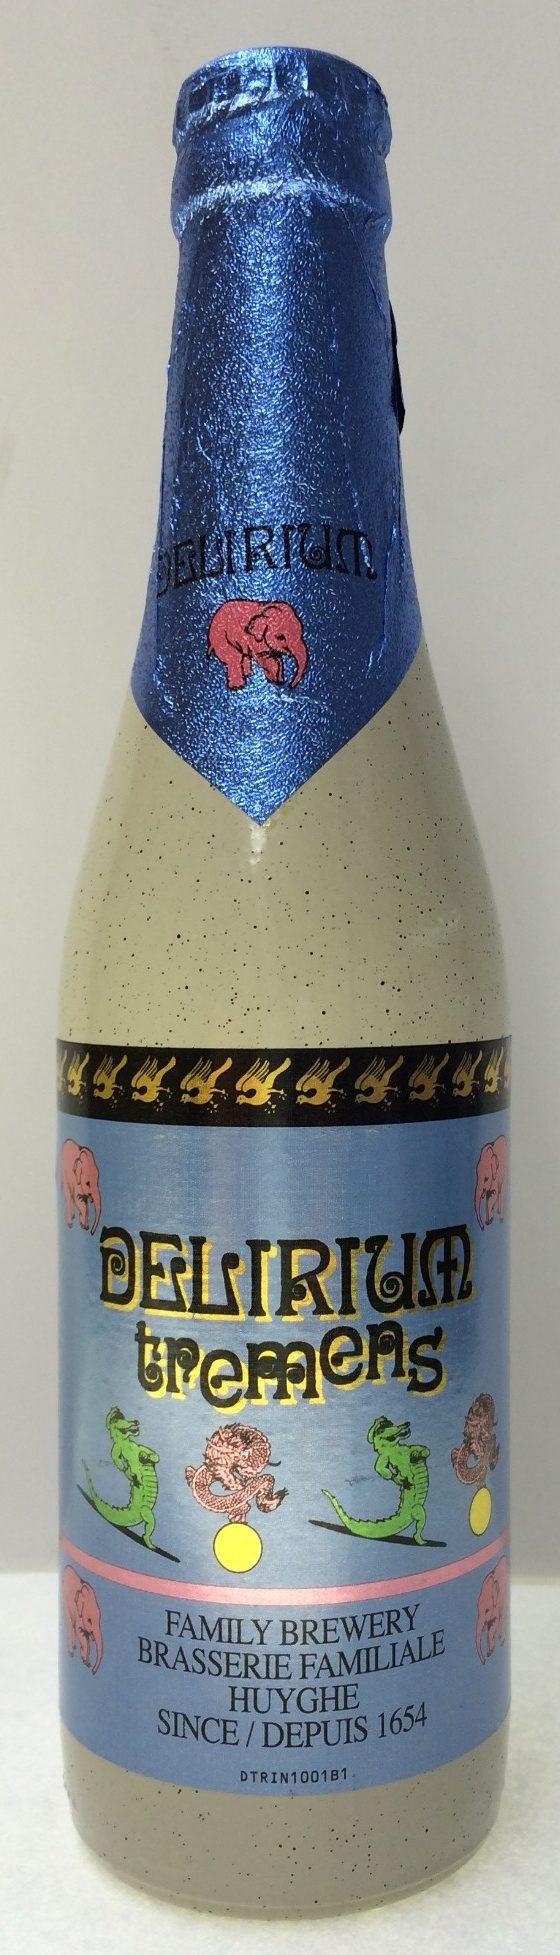 Bière belge - Product - fr